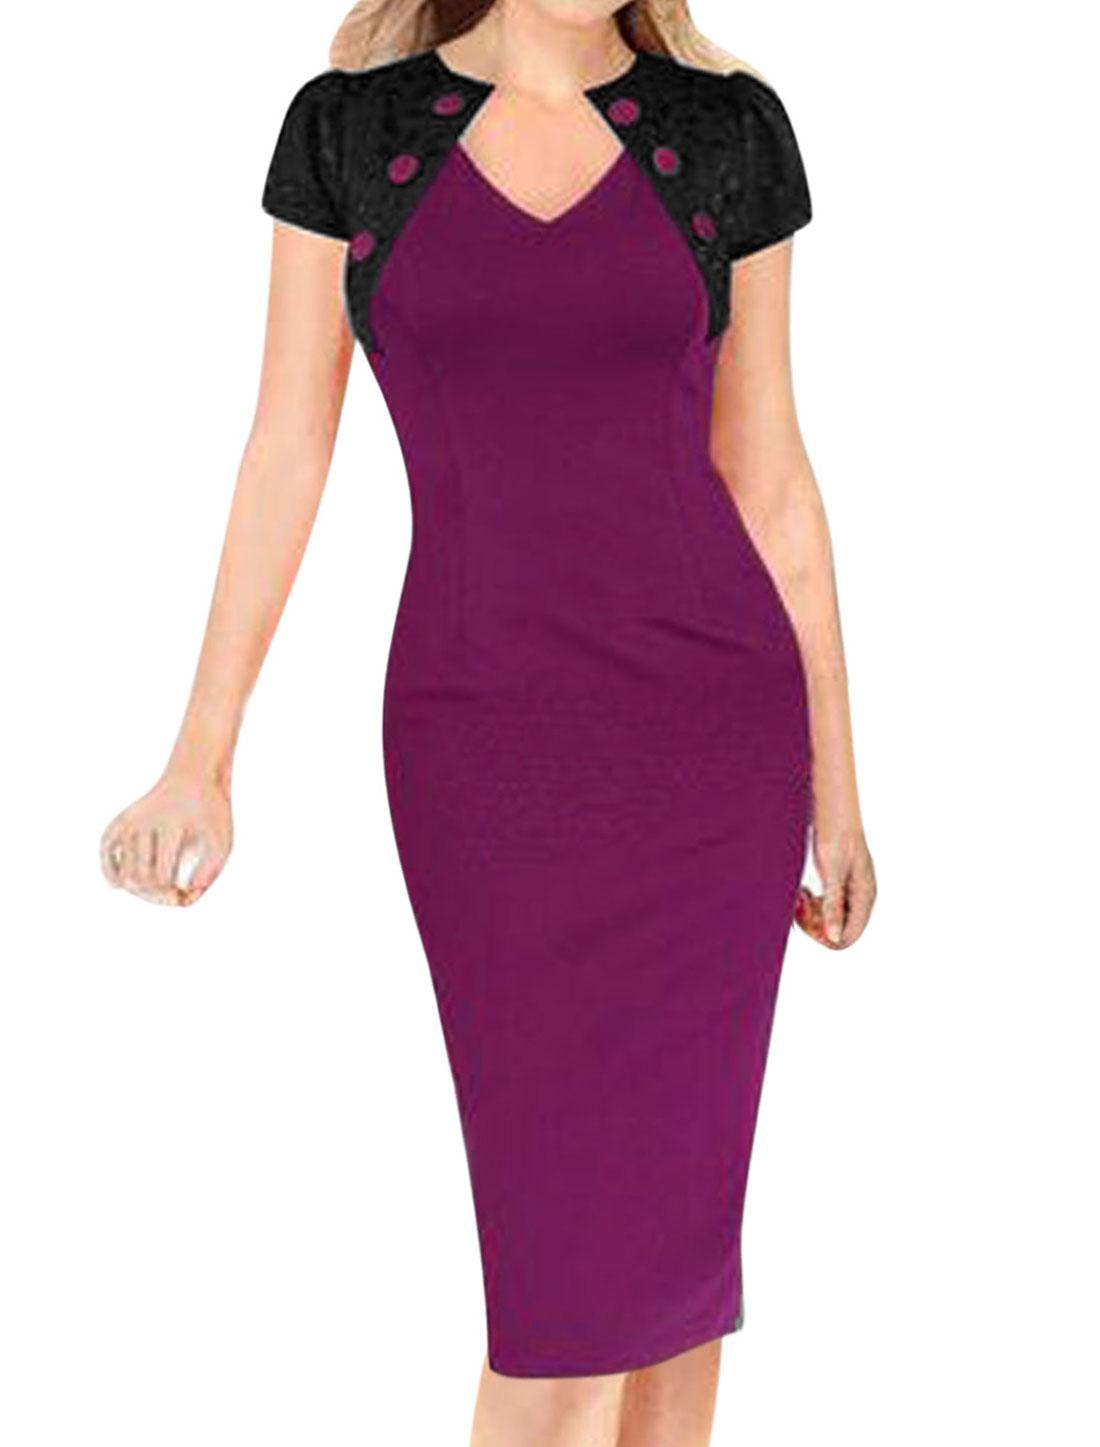 Woman Lace Panel Split Back Buttons Decor Upper Unlined Pencil Dress Purple M